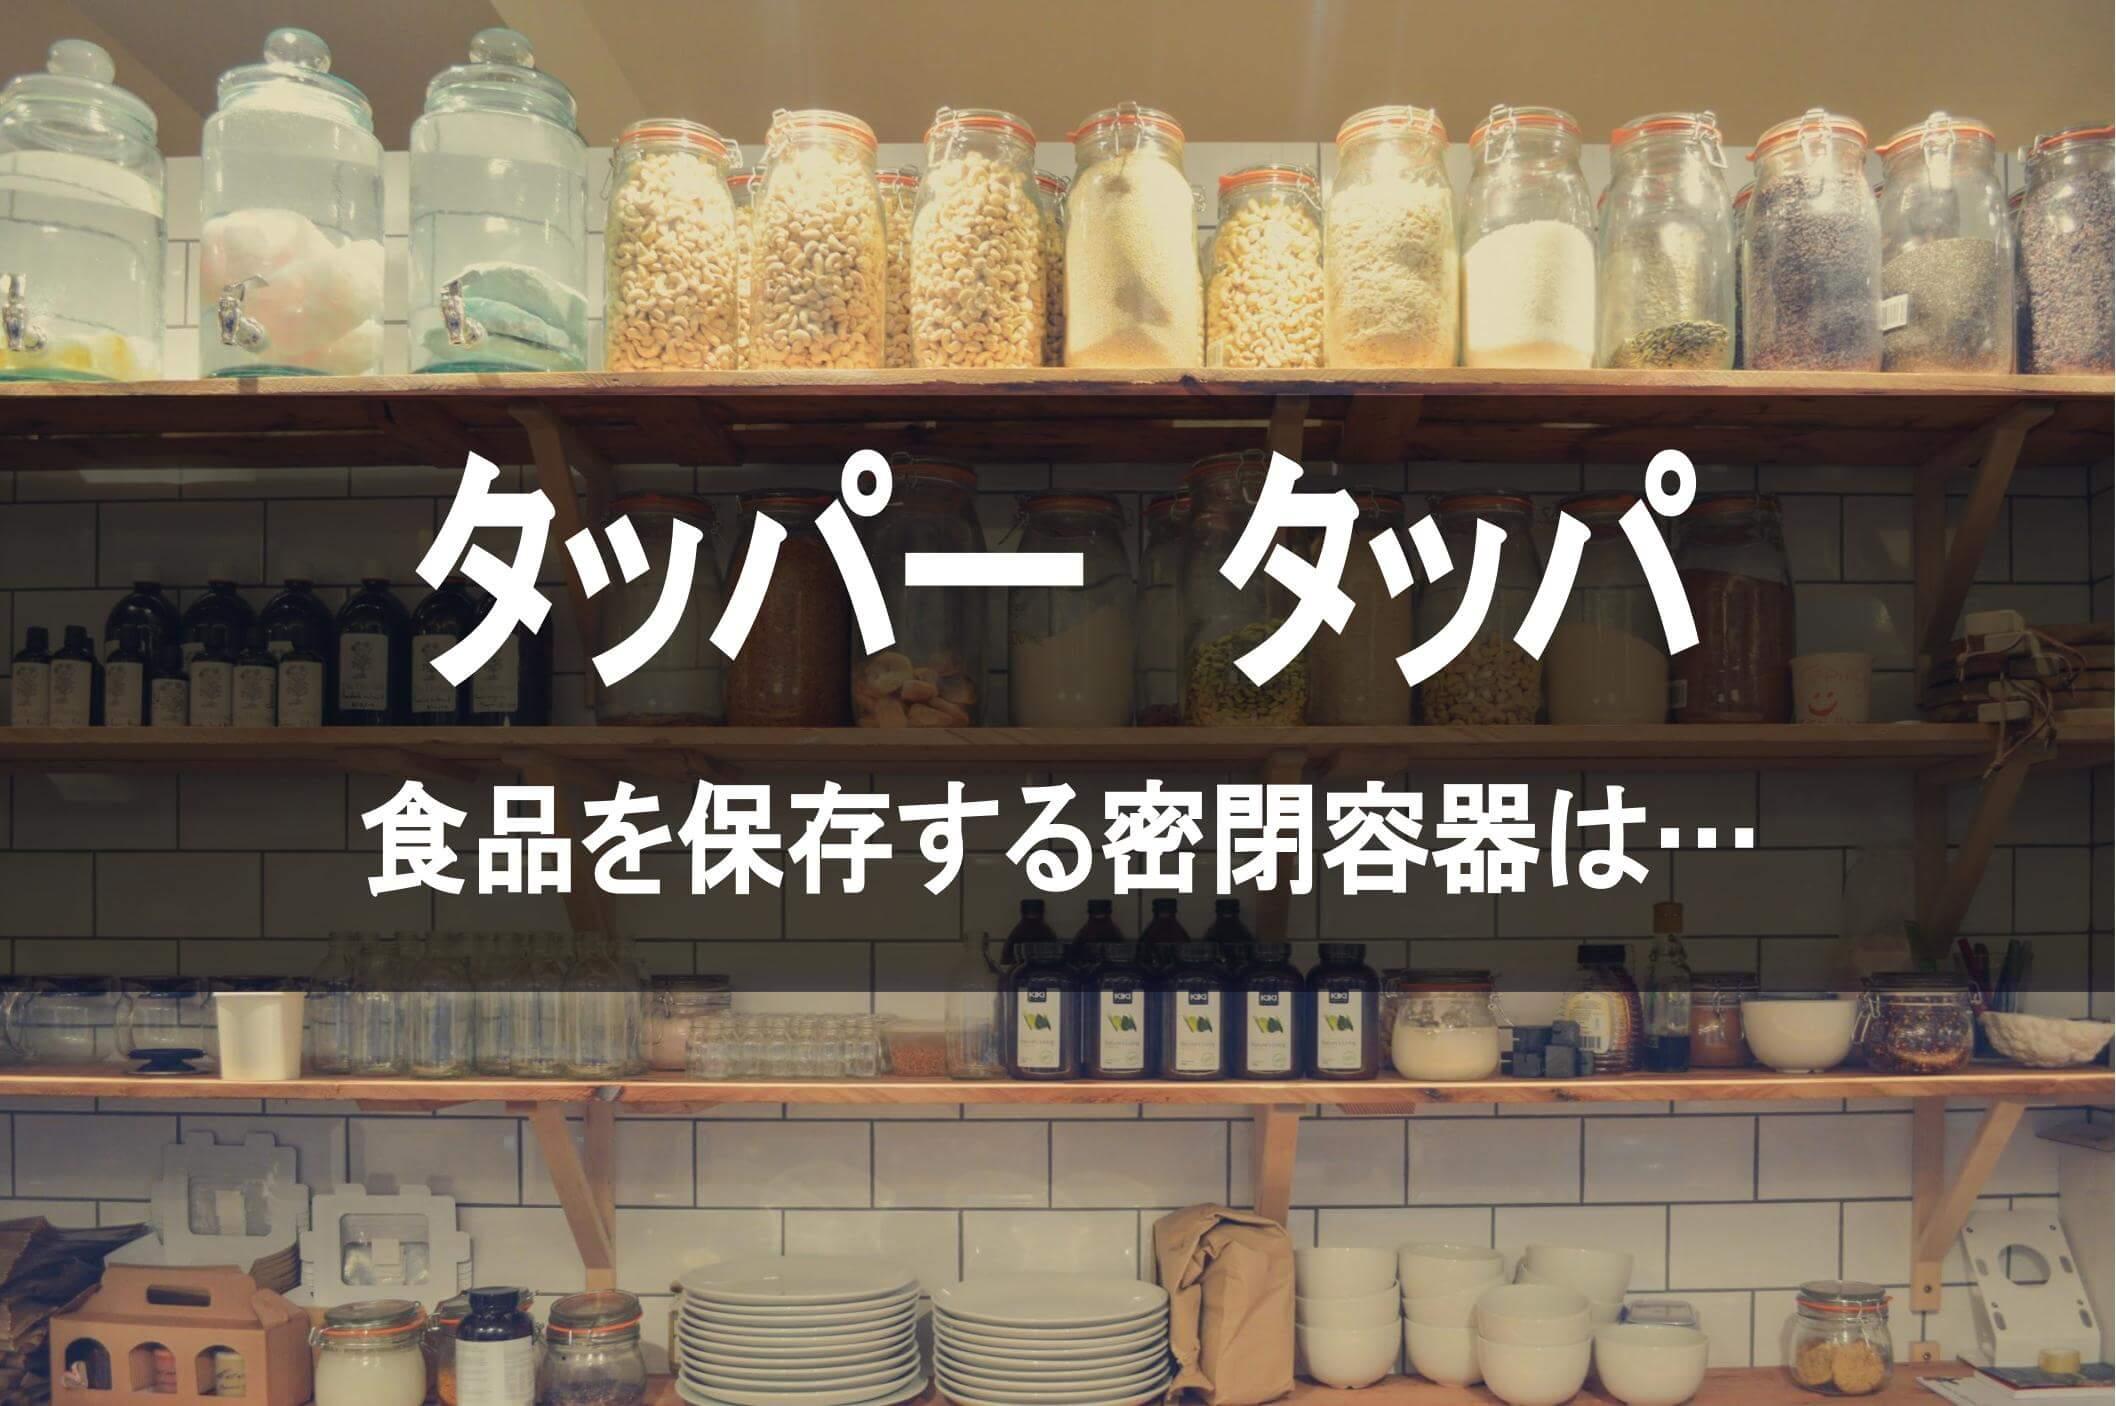 食品と調味料が整理されたキッチン タッパー タッパ 食品を保存する密閉容器は…